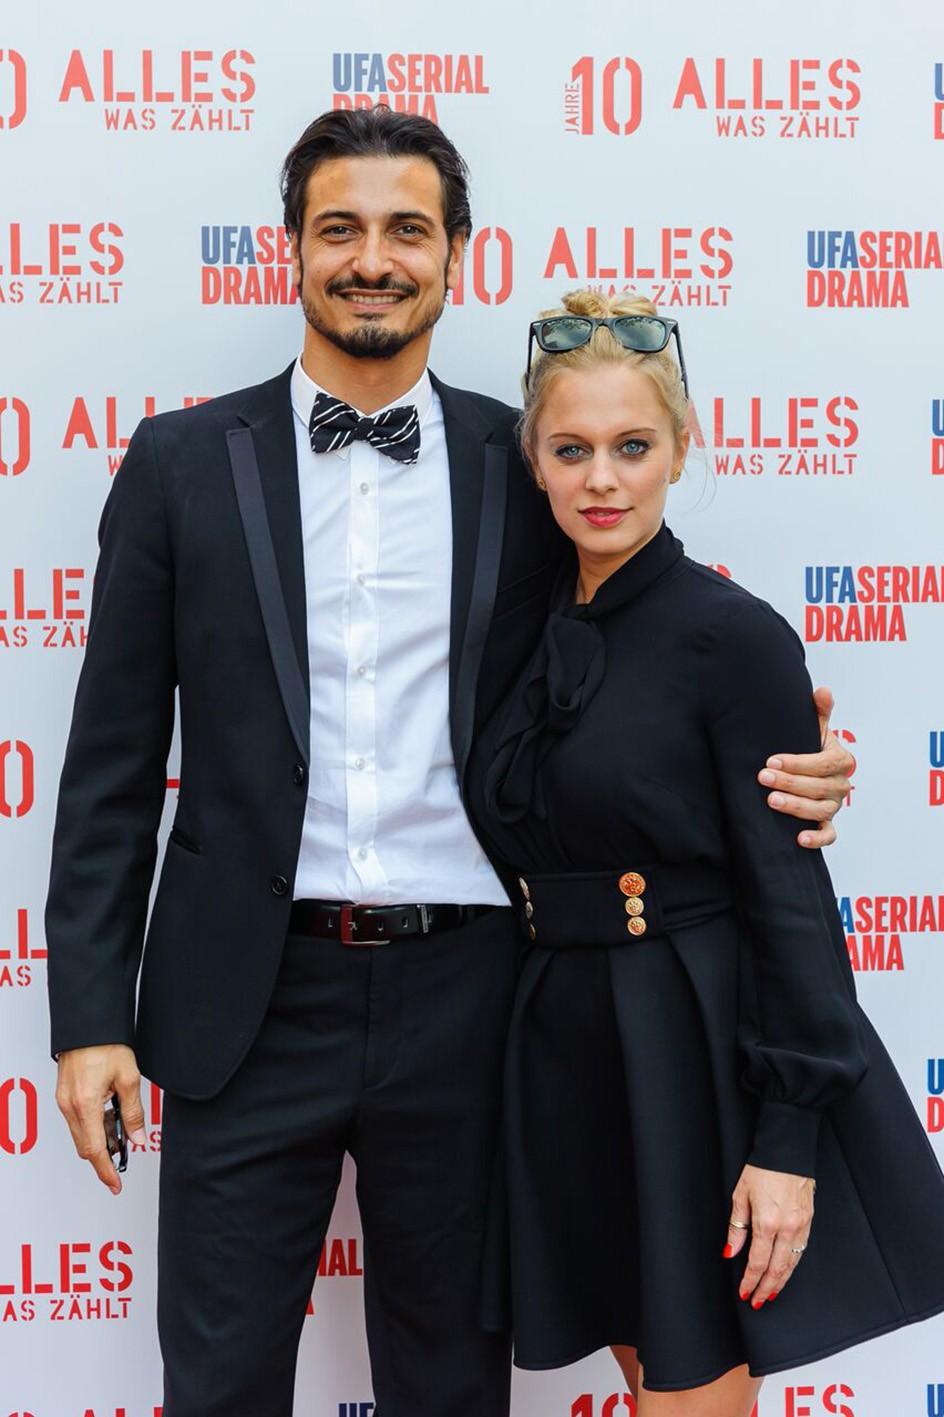 Salvatore und Juliette Greco